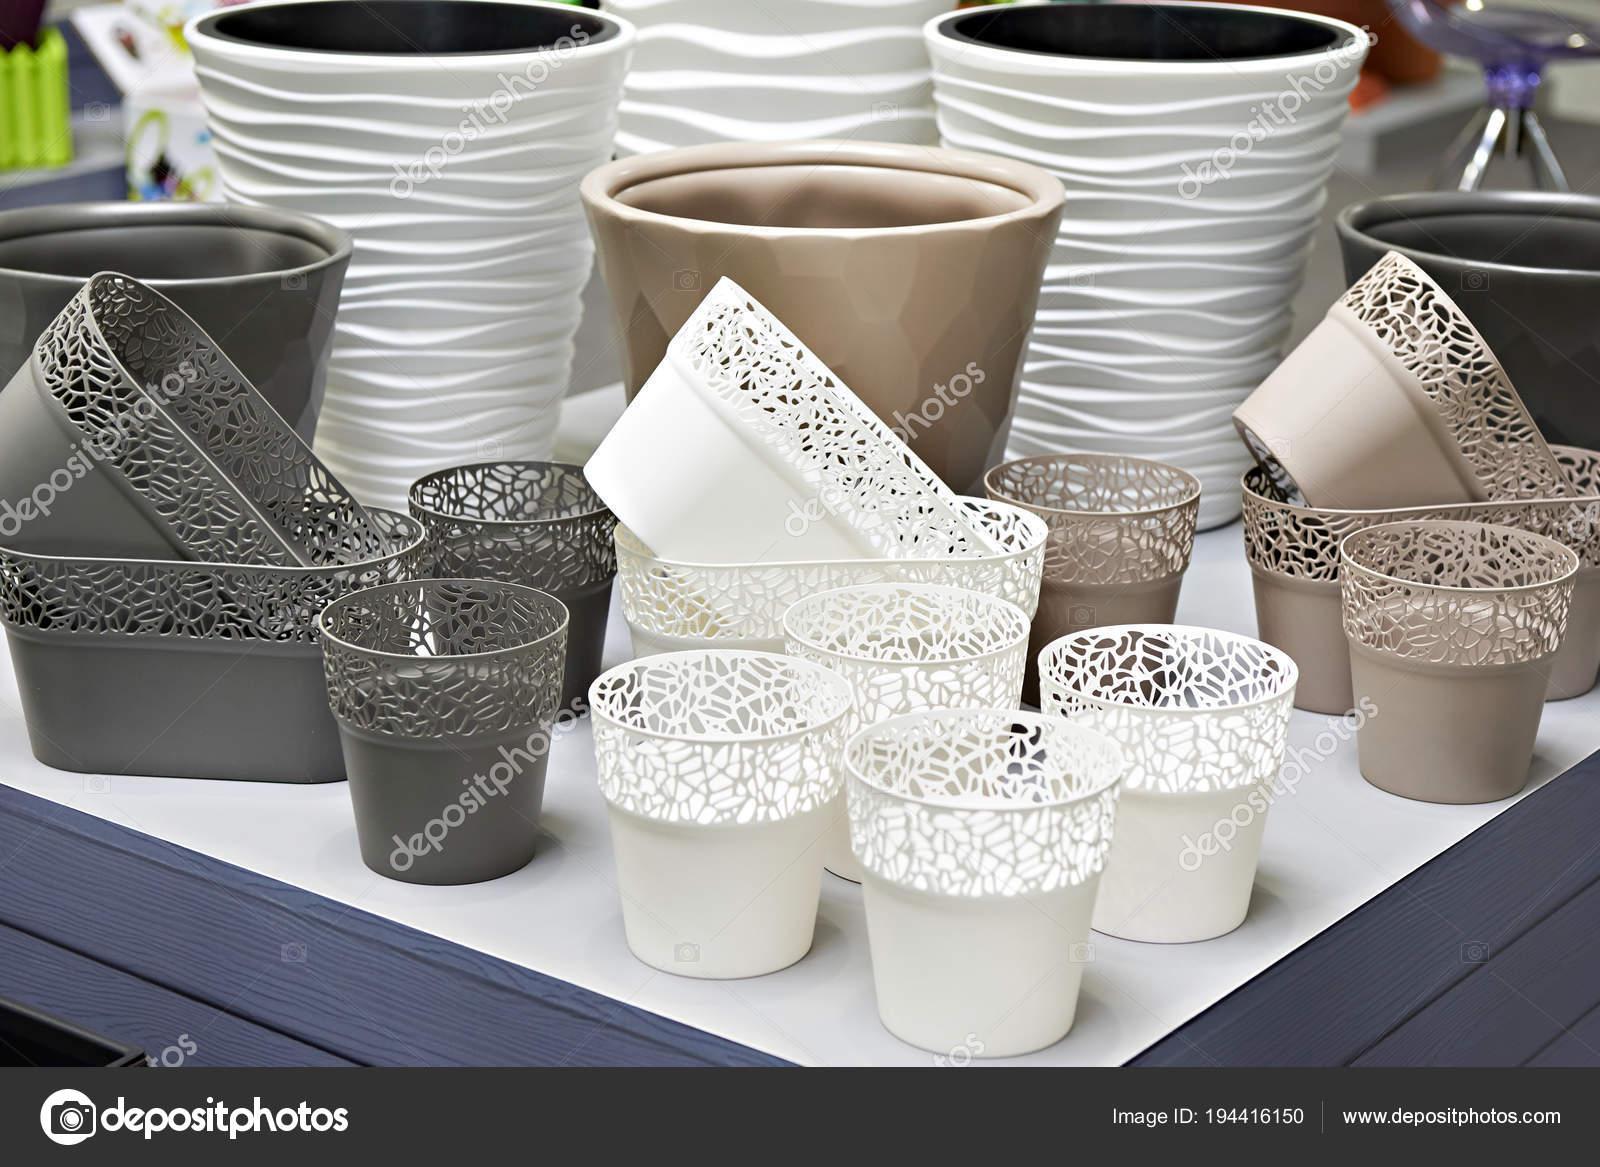 Articoli Plastica Per La Casa.Prodotti Di Plastica Nel Negozio Di Articoli Per La Casa